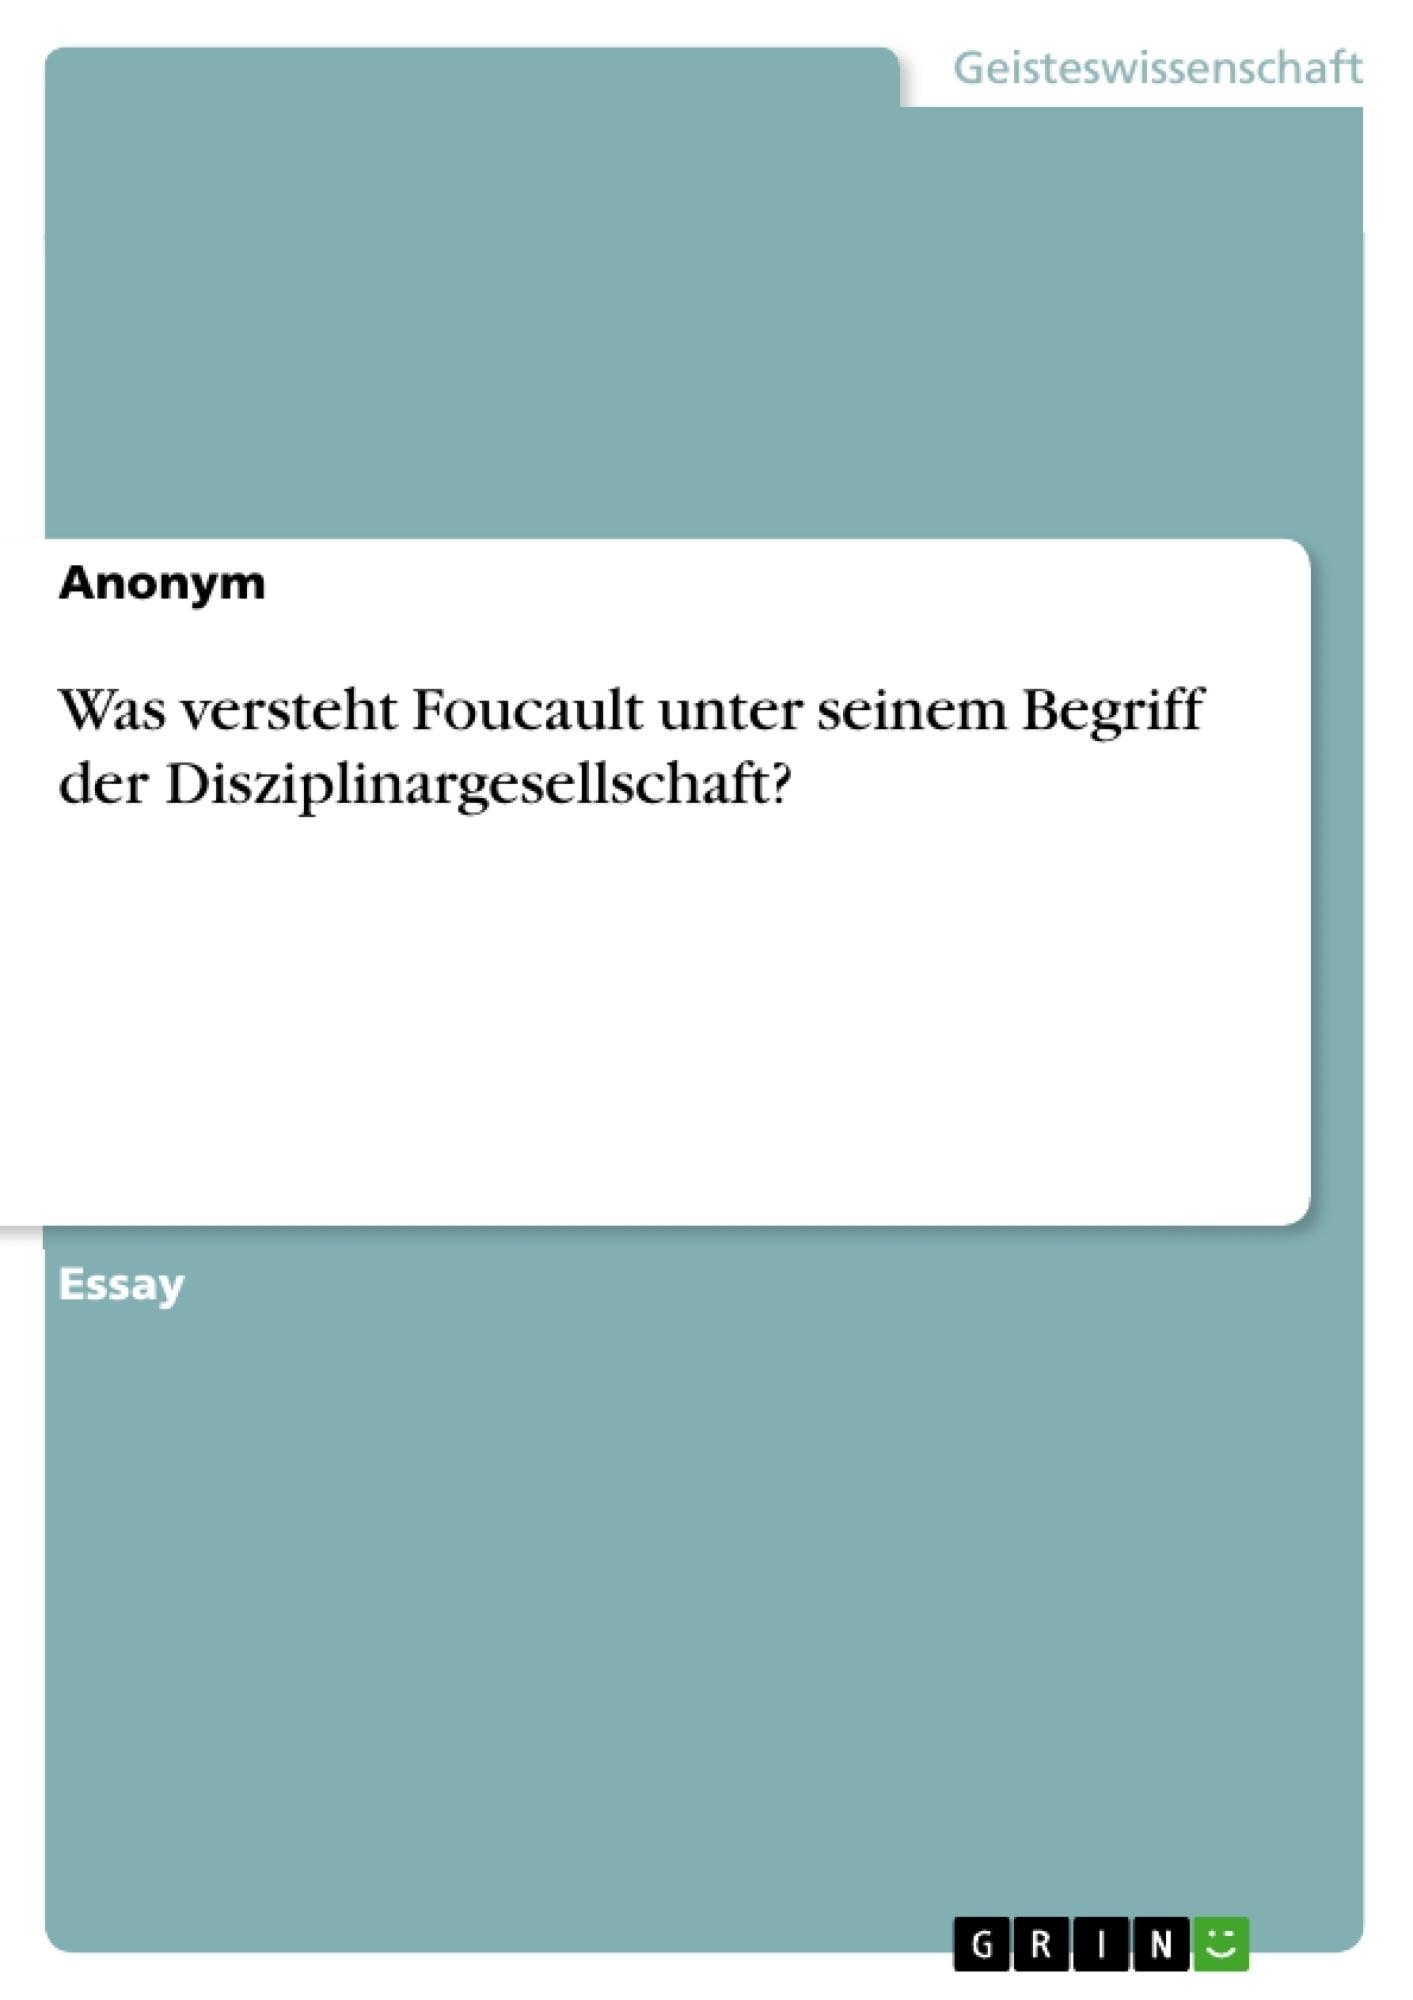 Titel: Was versteht Foucault unter seinem Begriff der Disziplinargesellschaft?